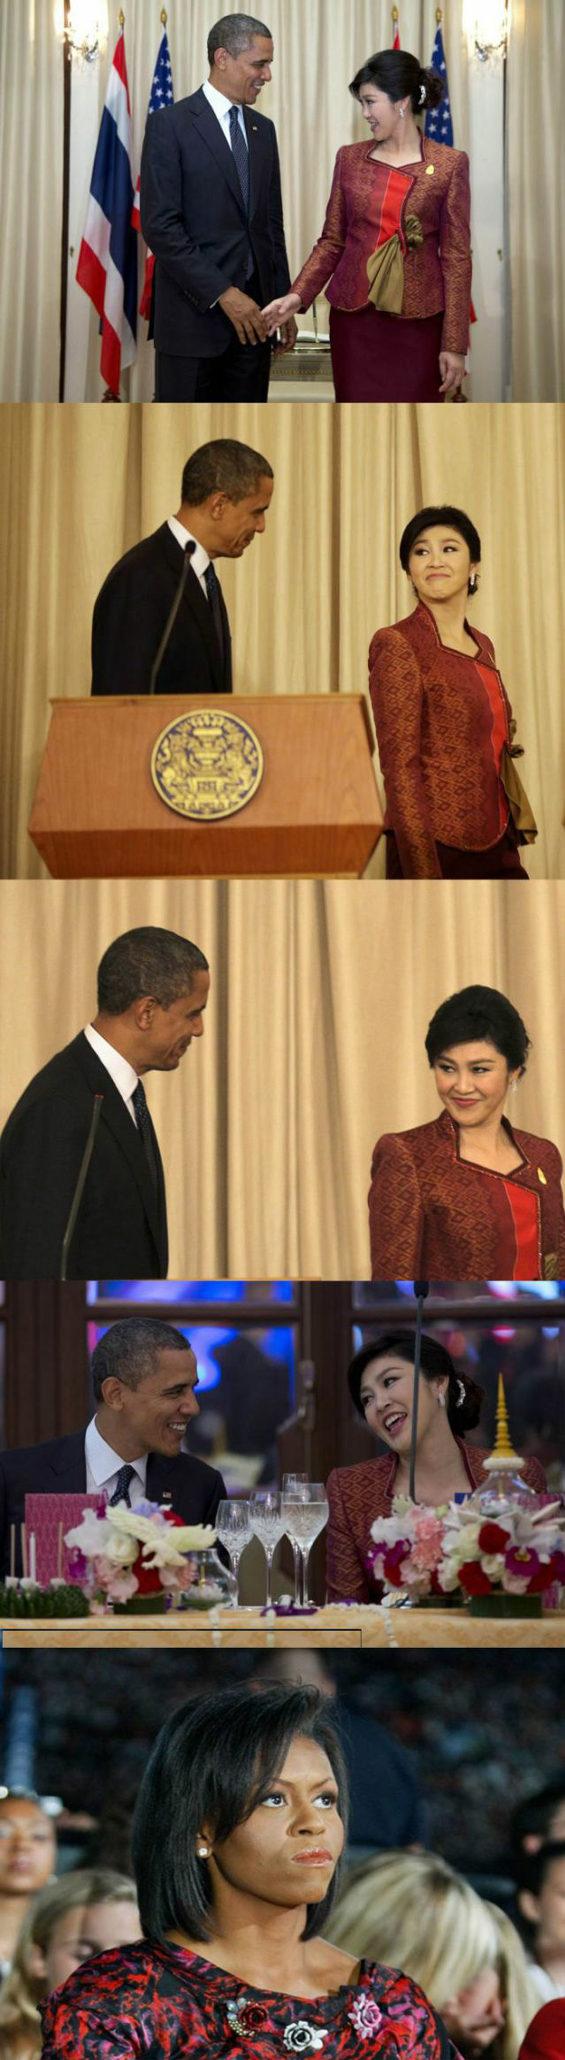 オバマ大統領とタイのインラック首相